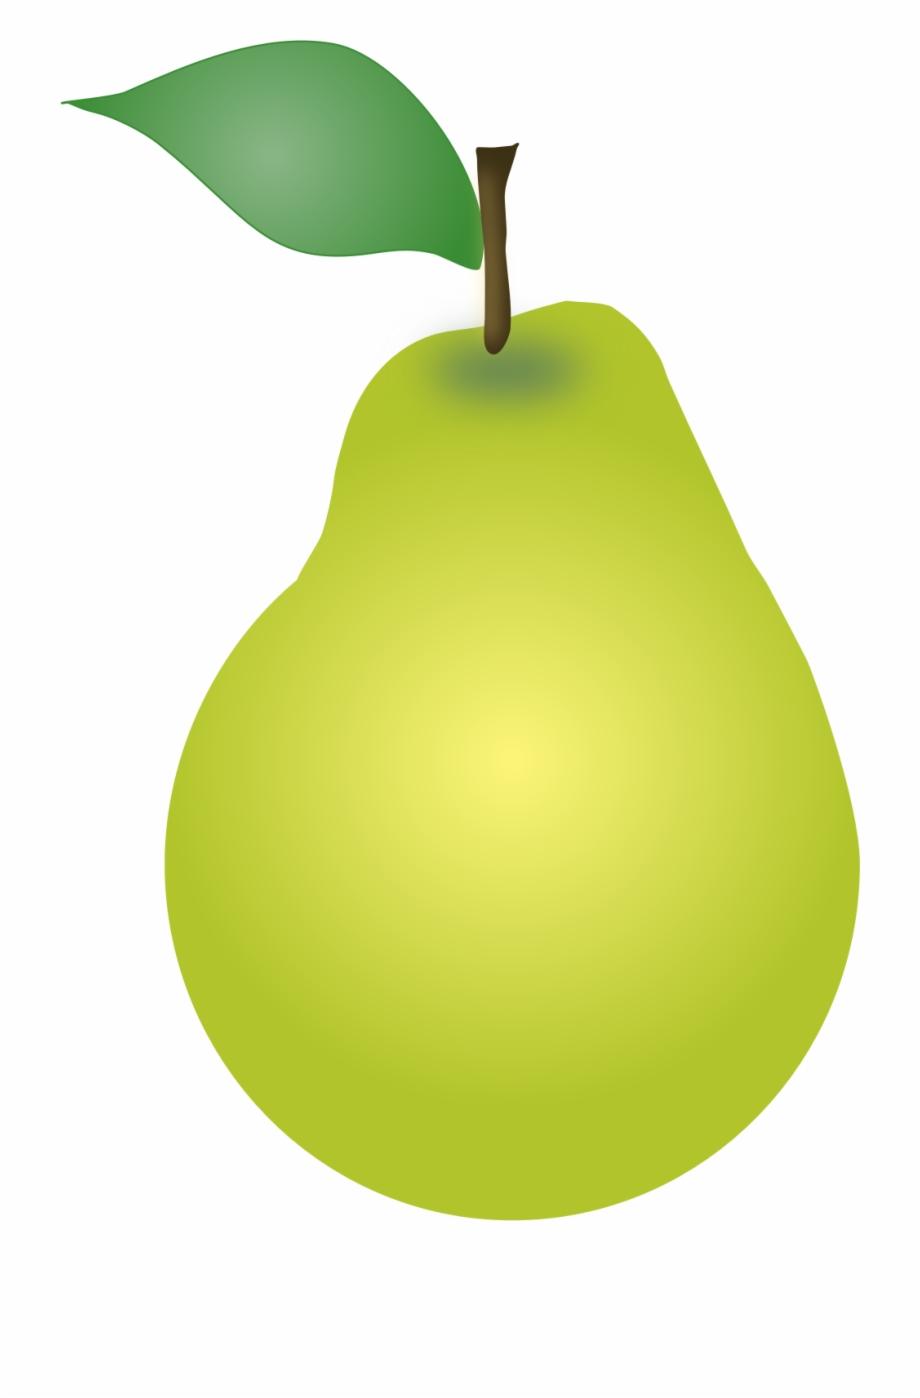 Pear clipart. Cute clip art fruit